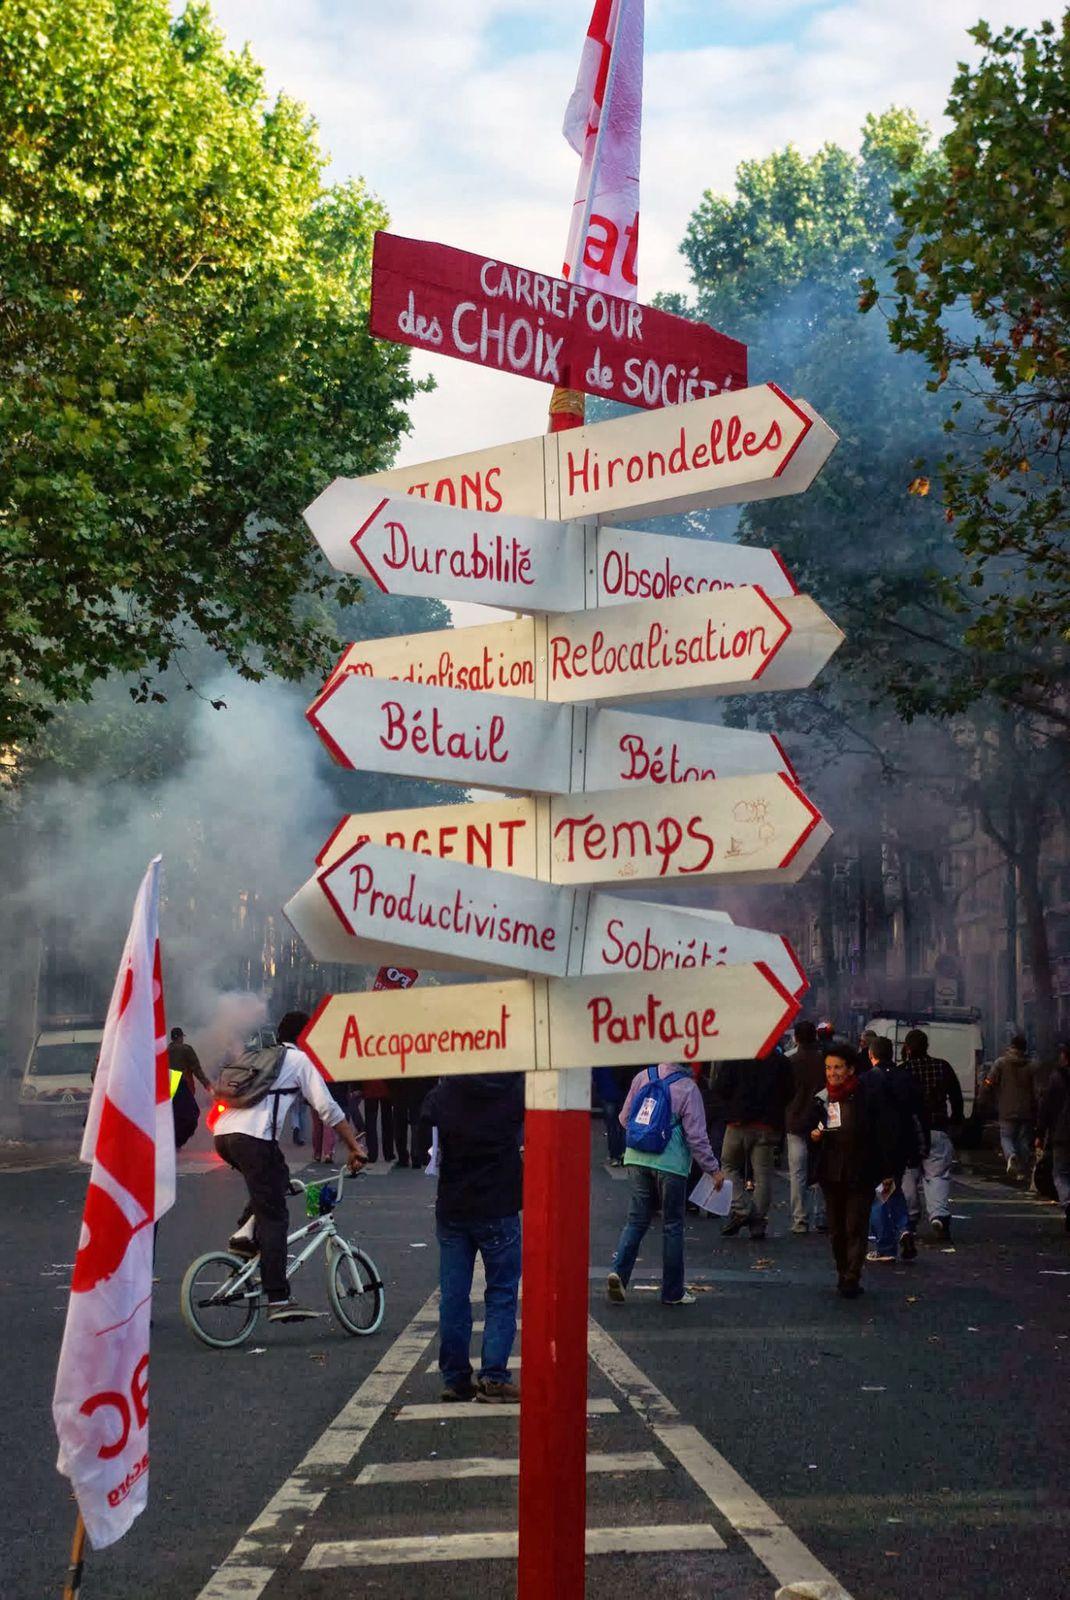 Hirondelles, bétail, partage, décroissance, légumes, vie, solidarité, démocratie...